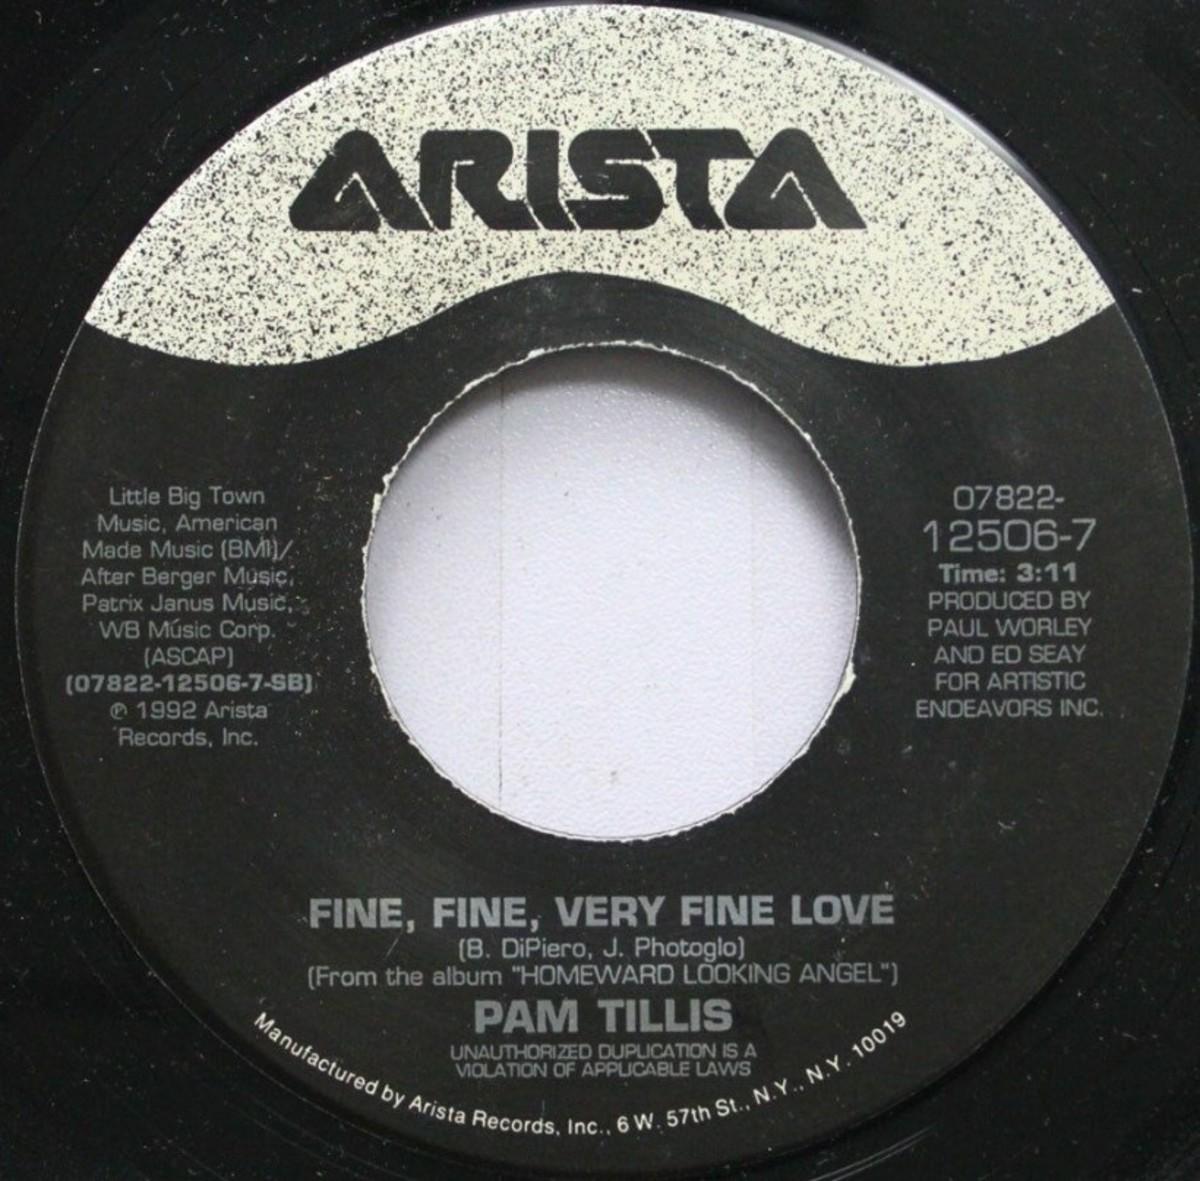 Pam Tillis flip side